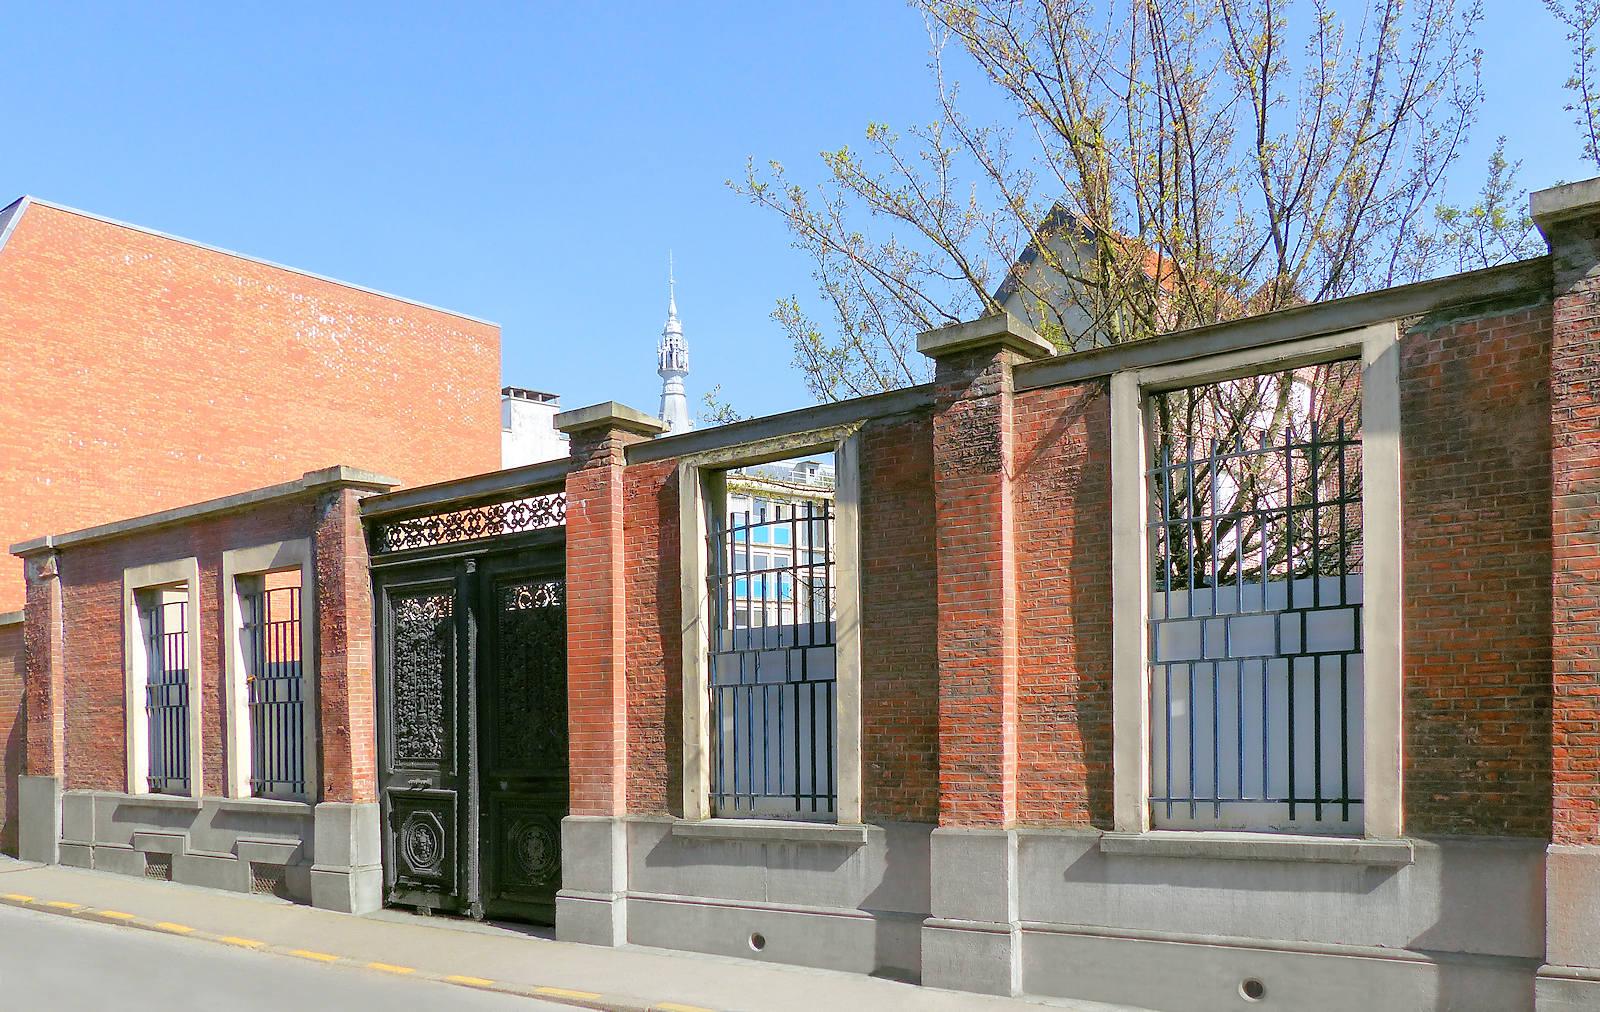 École primaire CNDI - Tourcoing, rue des Ursulines